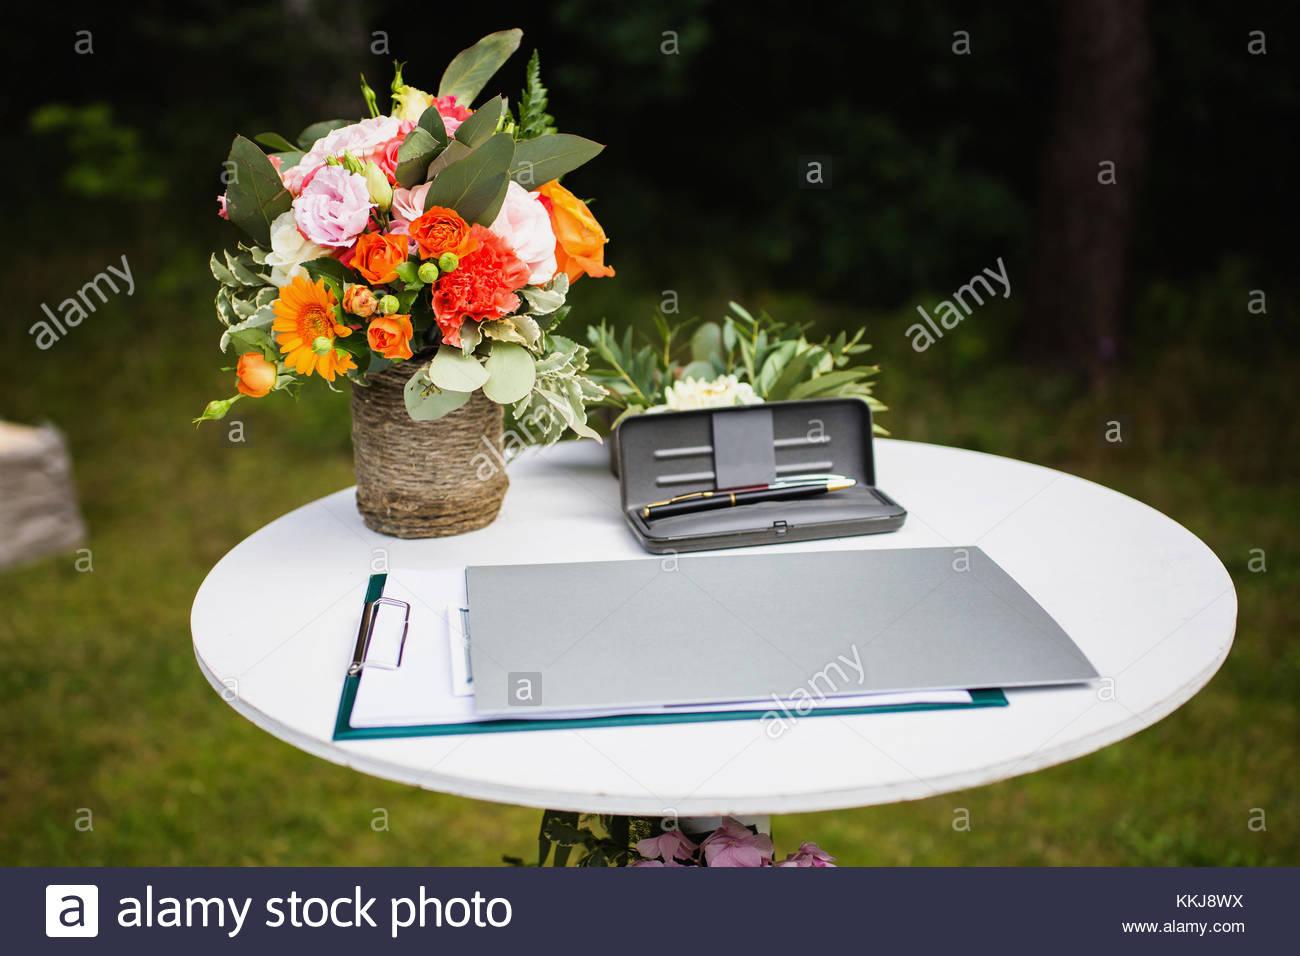 Schöne ungewöhnliche Hochzeit Dekor. Landhausstil. Pen in einem Fall ...